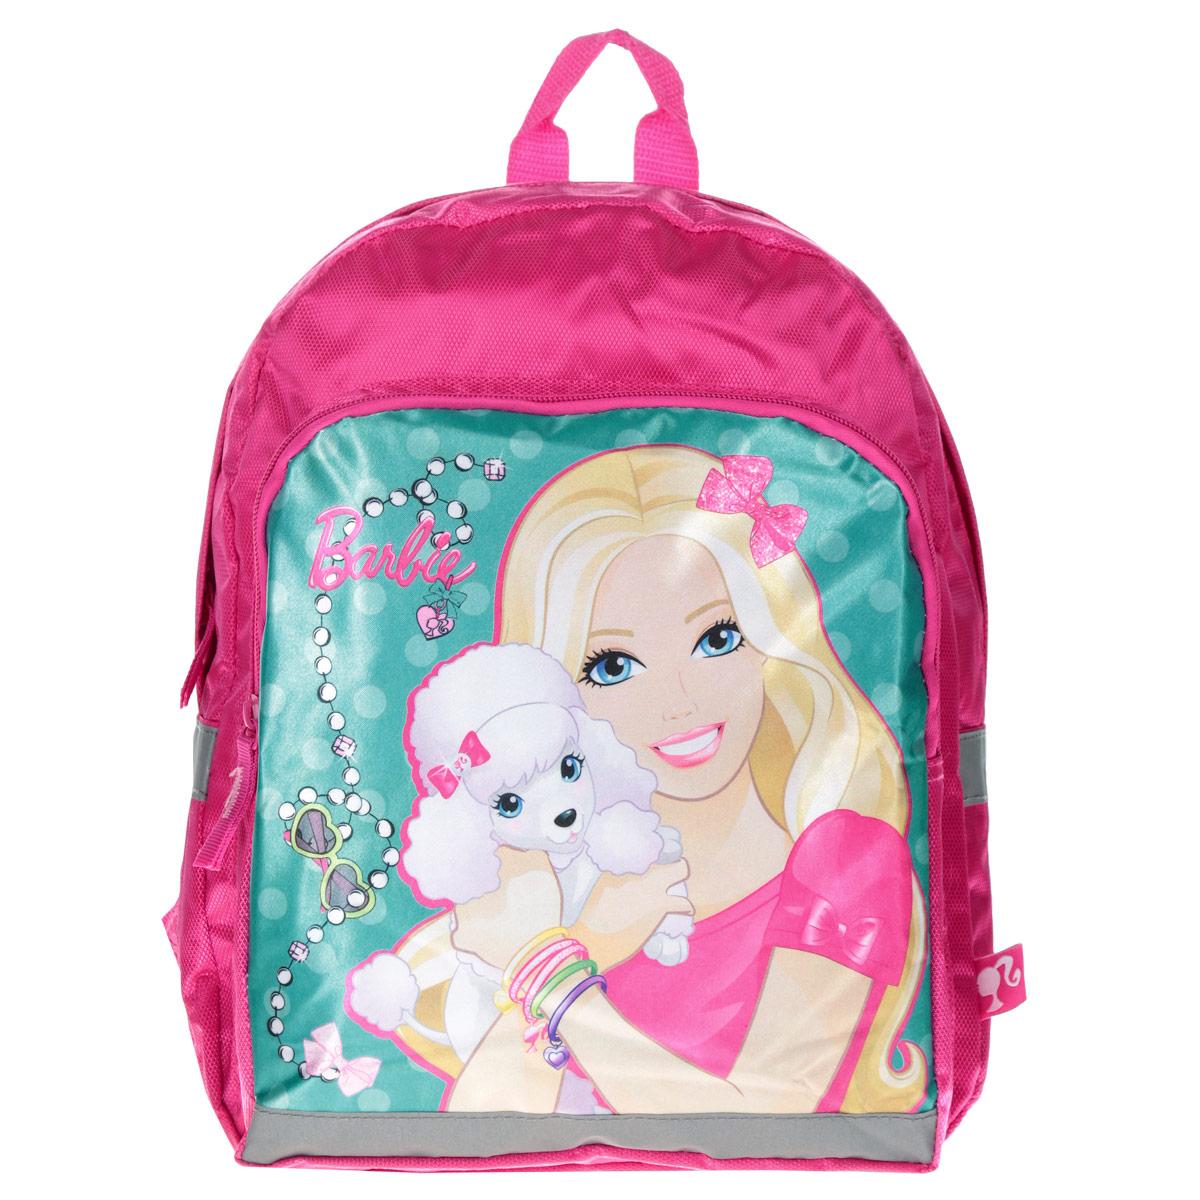 Рюкзак детский Barbie, цвет: розовый, бирюзовый. BRAP-UT-55872523WDРюкзак детский Barbie - это незаменимая вещь для прогулок и повседневных дел, в нем можно разместить самые важные вещи. Пусть у вашего ребенка тоже будет свой собственный рюкзак. Выполнен рюкзак из прочных и безопасных материалов. Лицевая сторона оформлена ярким изображением куклы Барби с собачкой. У модели одно вместительное отделение на застежке-молнии. Фронтальный карман также на молнии. Широкие лямки можно свободно регулировать по длине в зависимости от роста ребенка. Рюкзак оснащен текстильной ручкой для переноски в руке. Светоотражающие элементы обеспечивают безопасность в темное время суток.